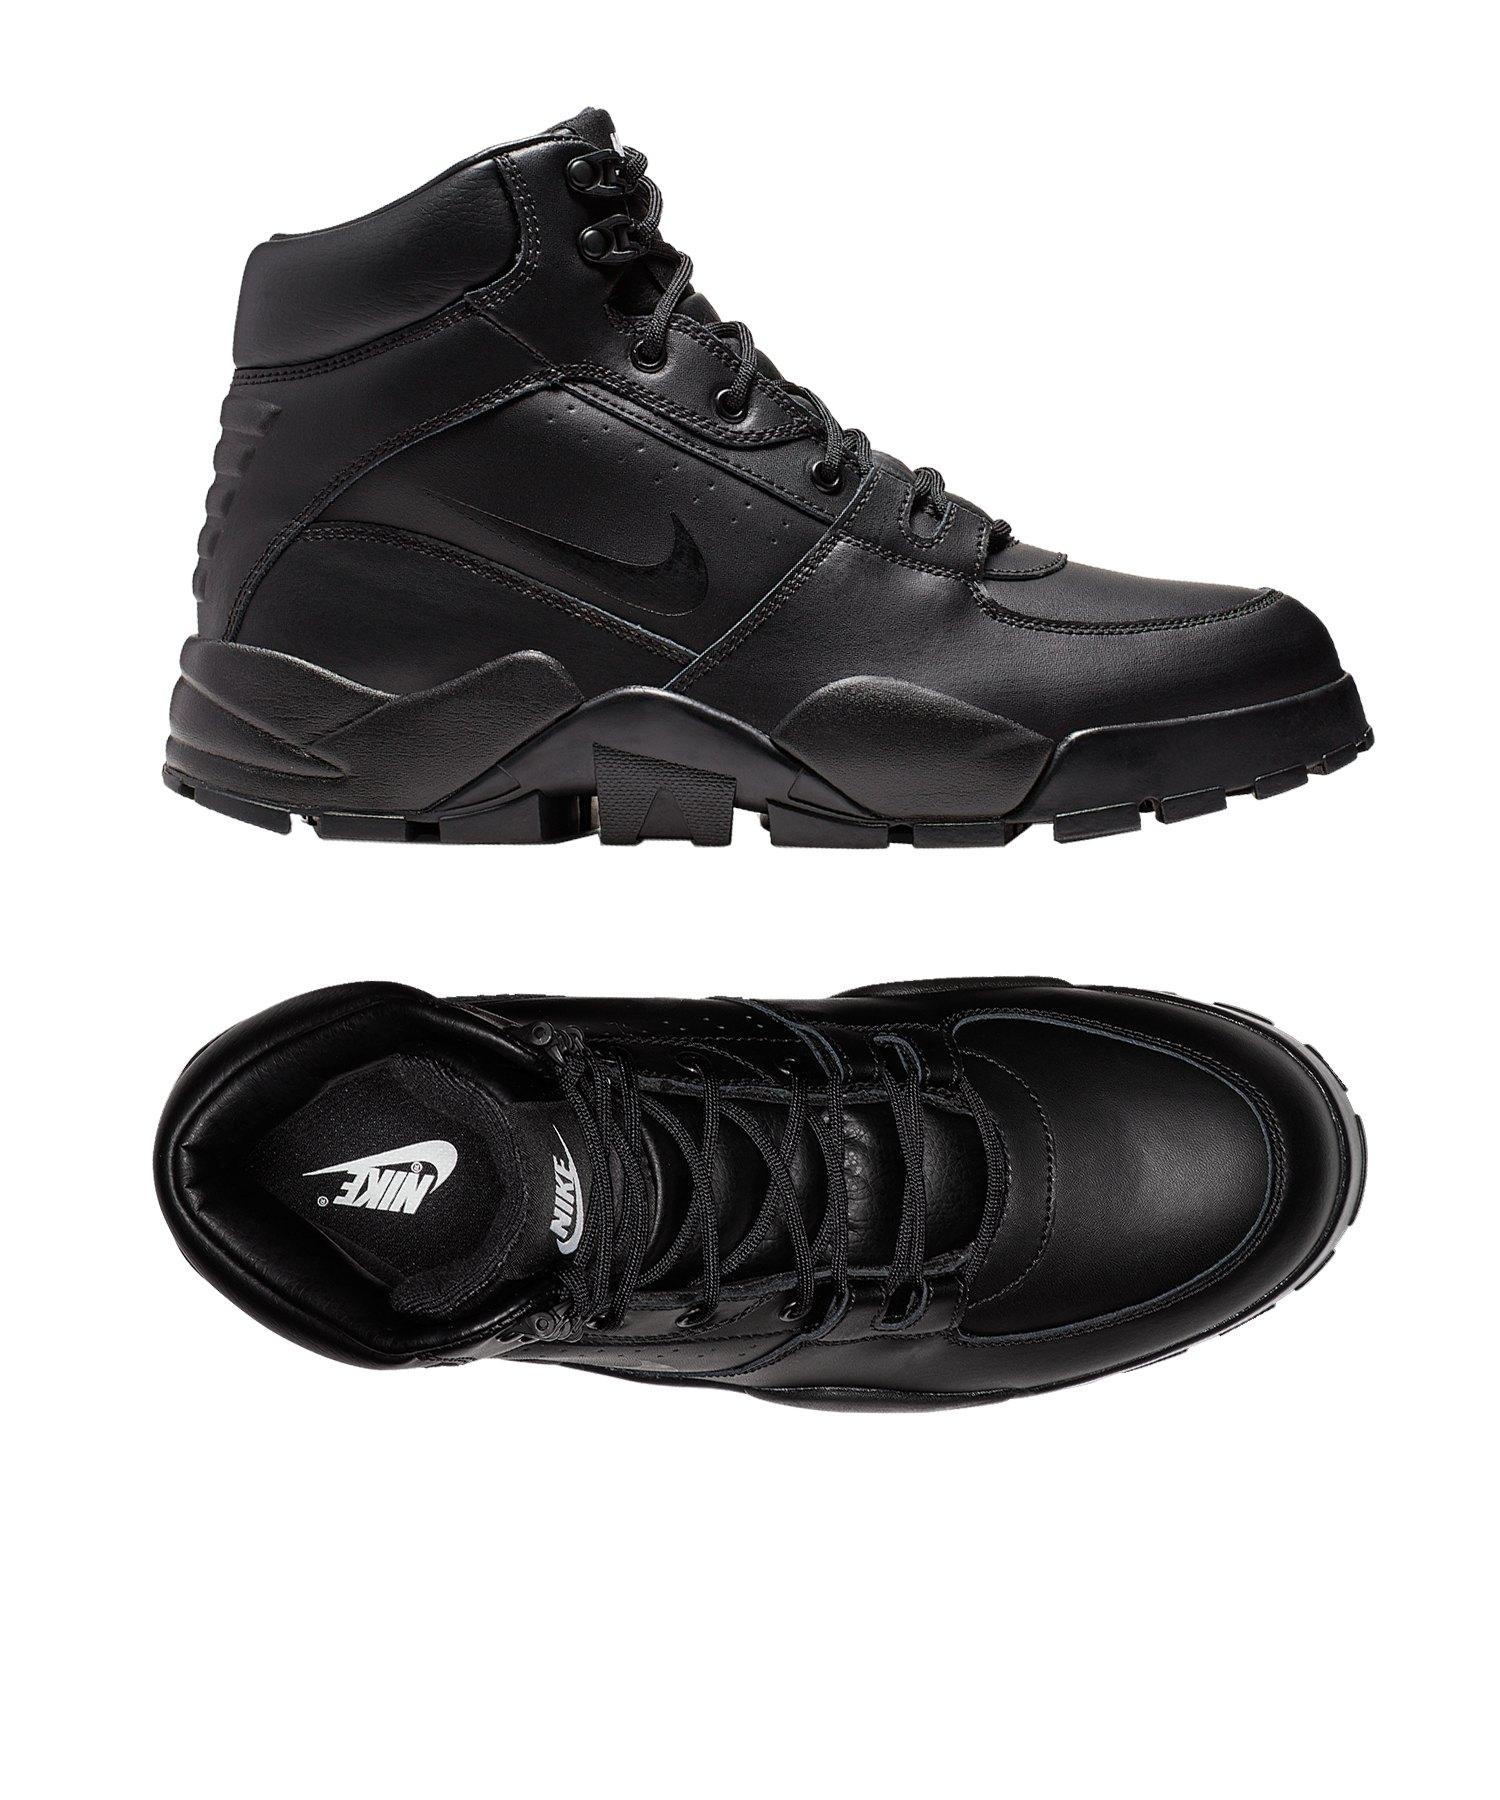 Nike Roshe One Winterschuhe Black 46